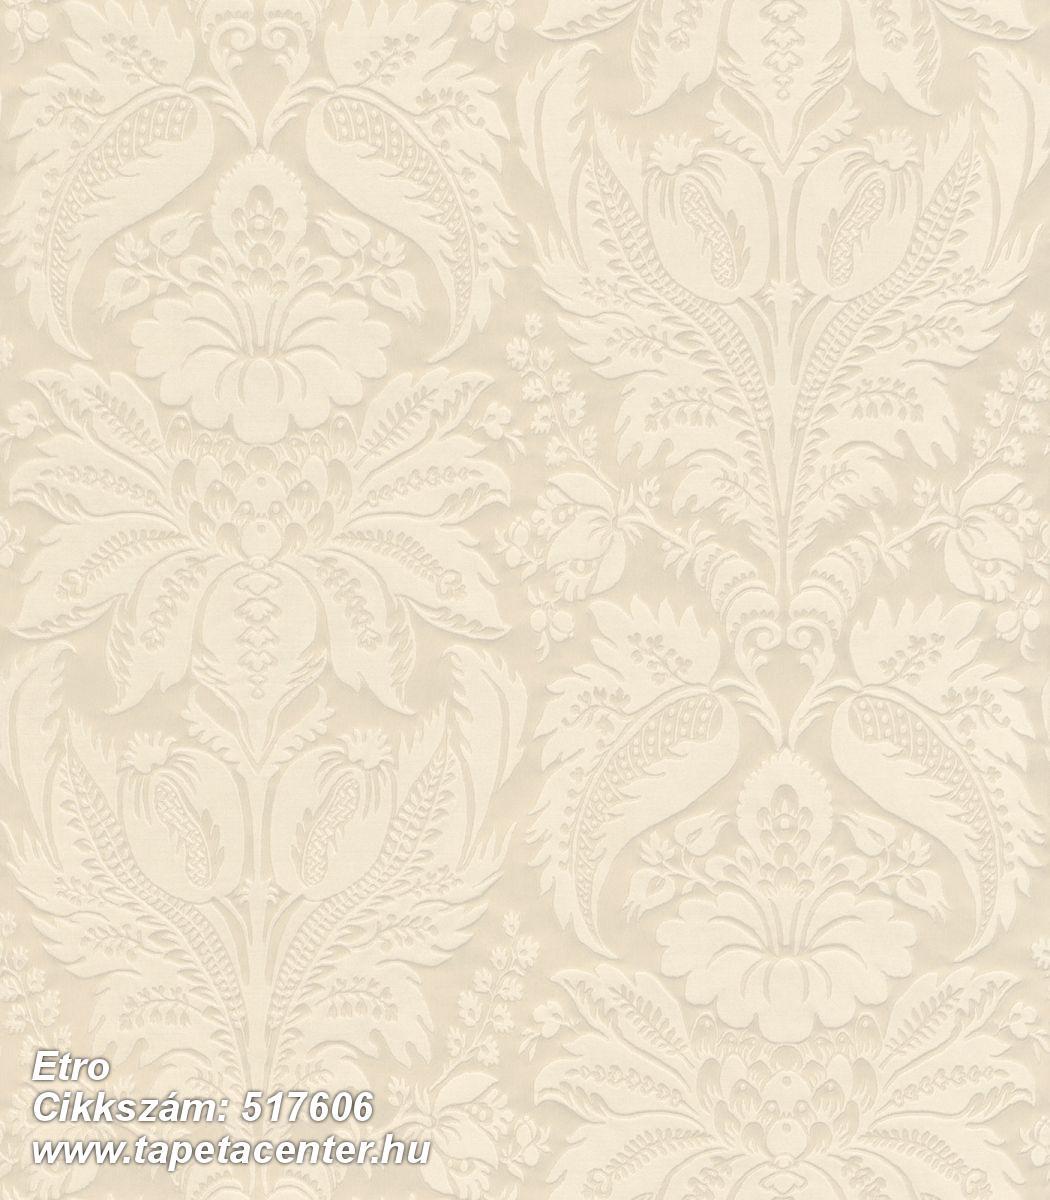 Barokk-klasszikus,metál-fényes,textil hatású,virágmintás,bézs-drapp,vajszín,lemosható,Vlies tapéta